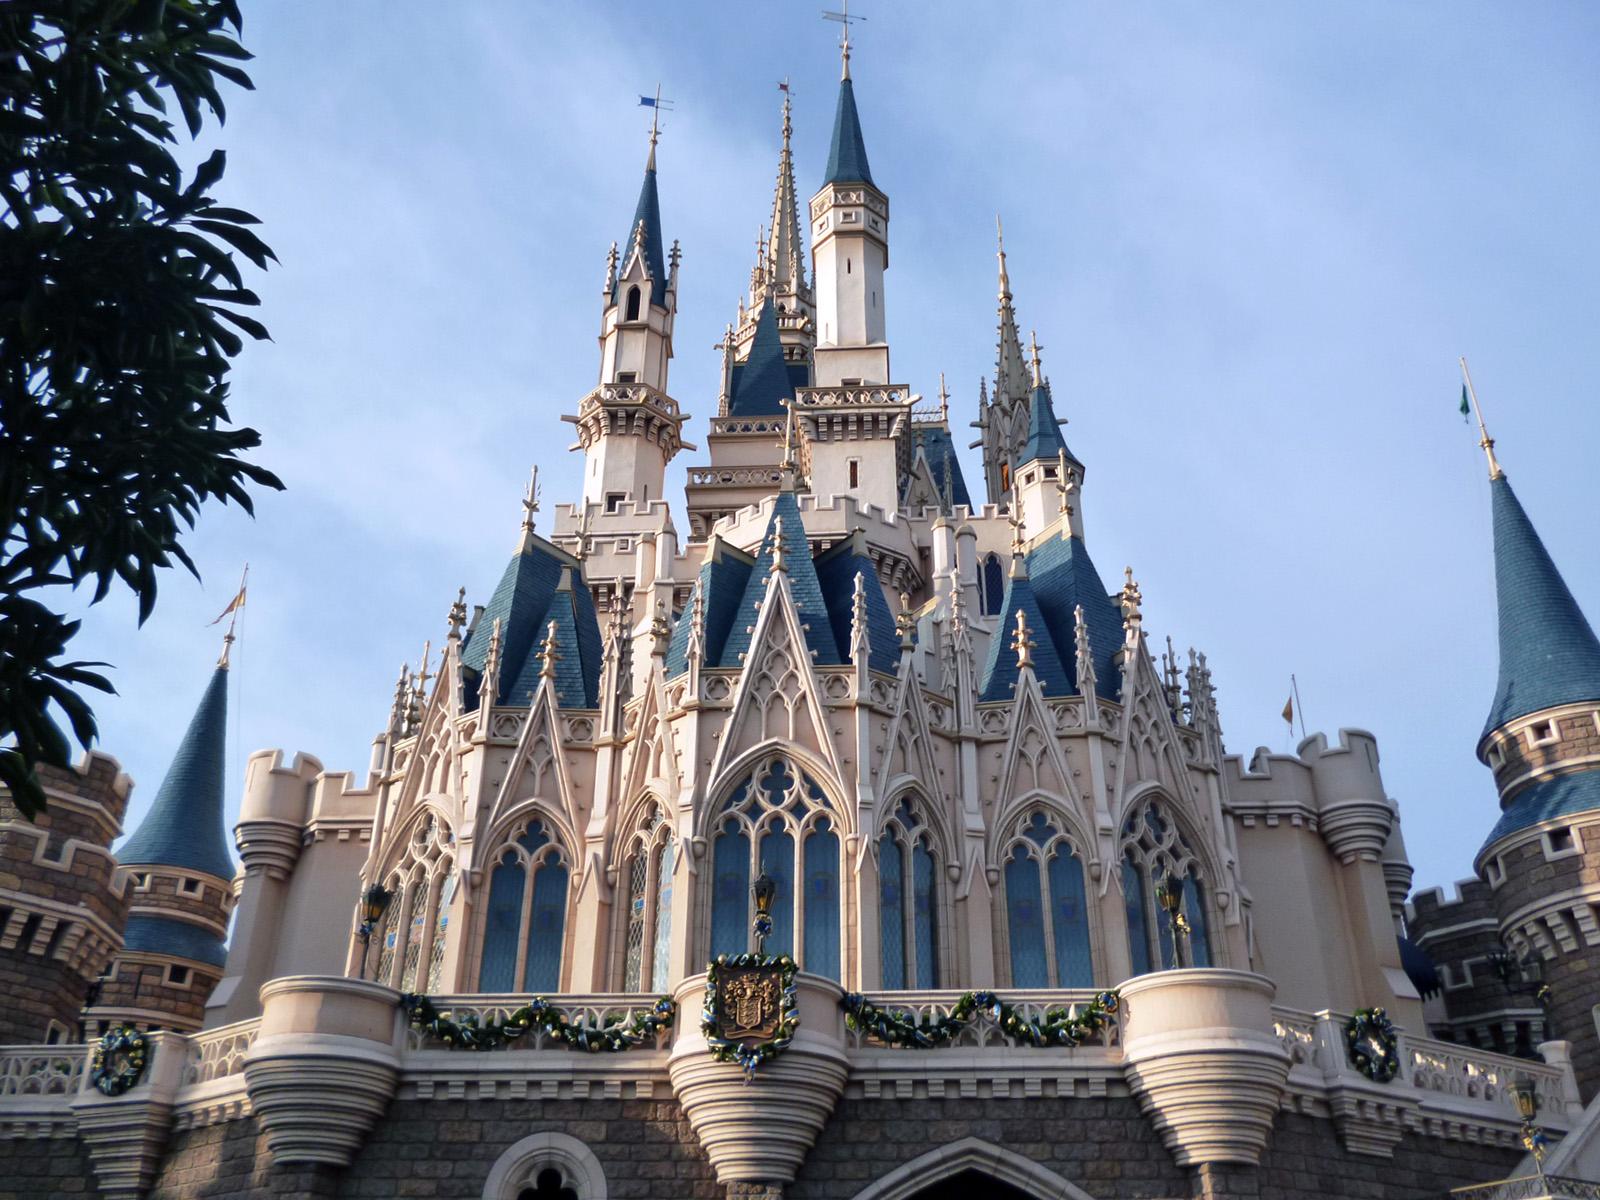 Tokyo Disneyland Wallpaper 1600x1200 22028